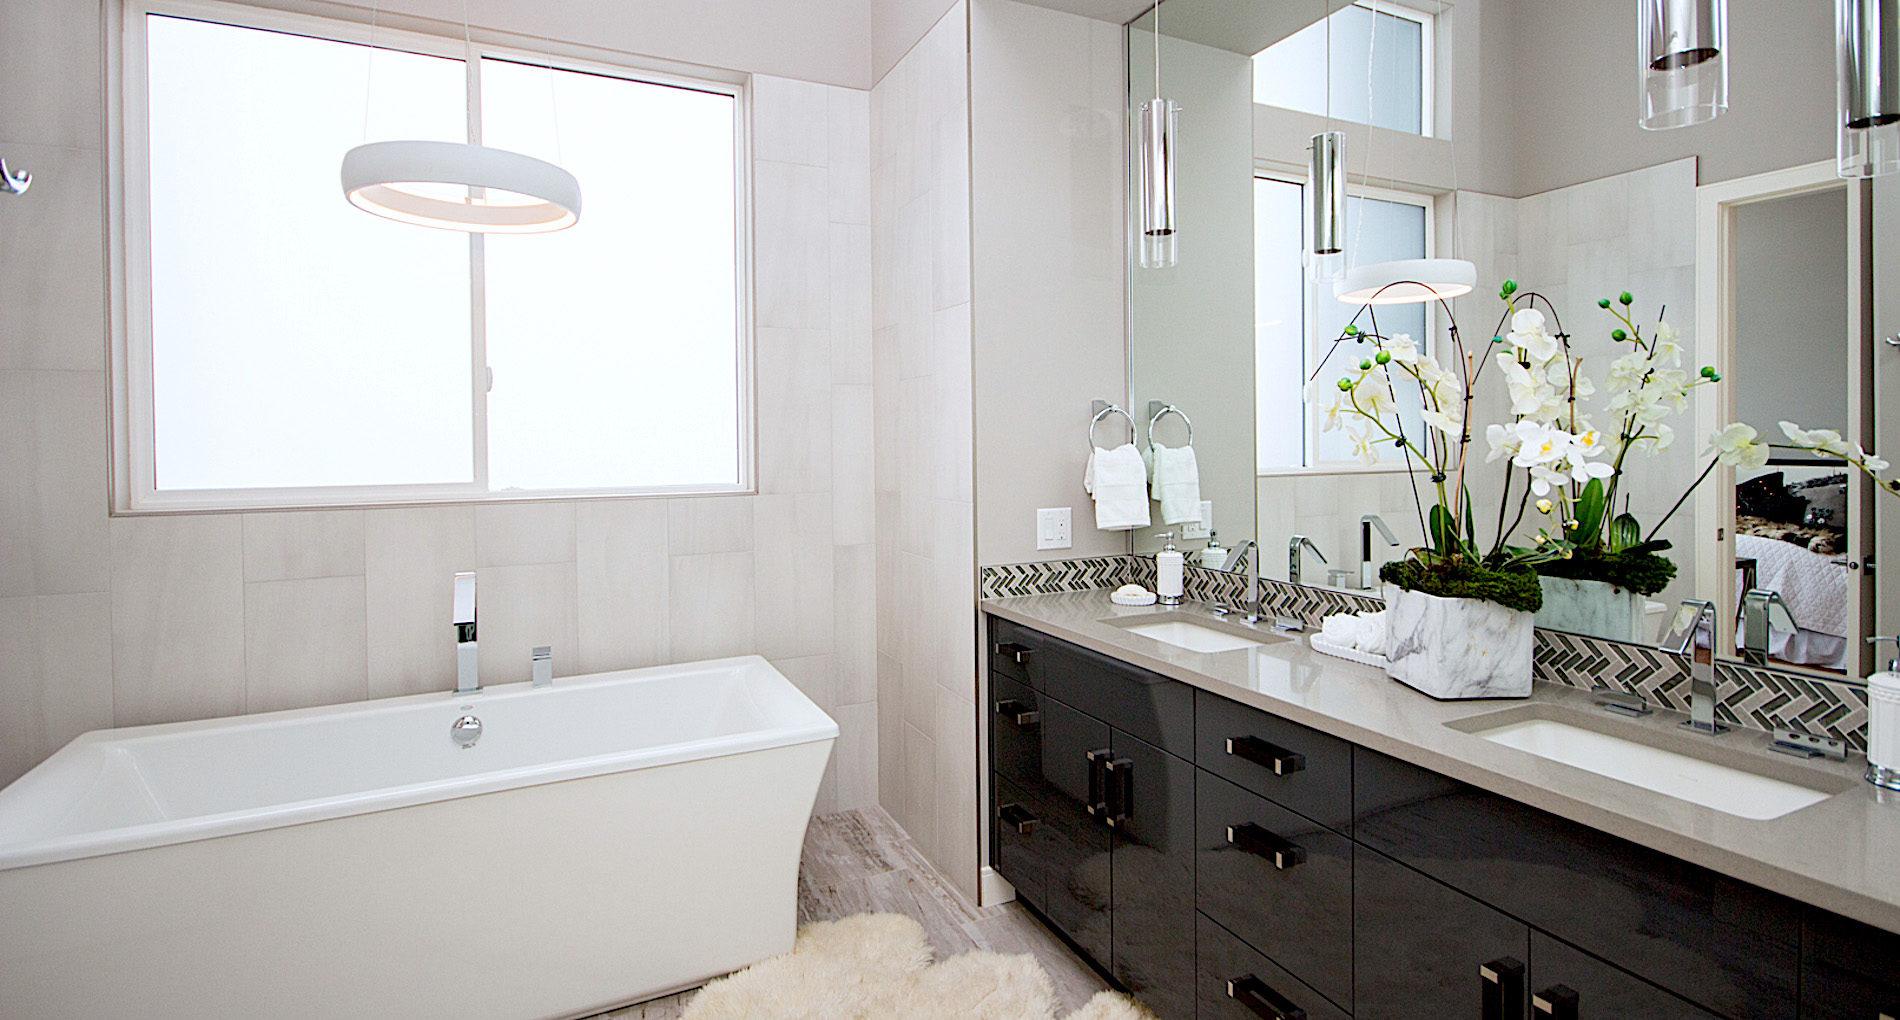 Bathroom Renovation Kelowna 3457shayler Slider